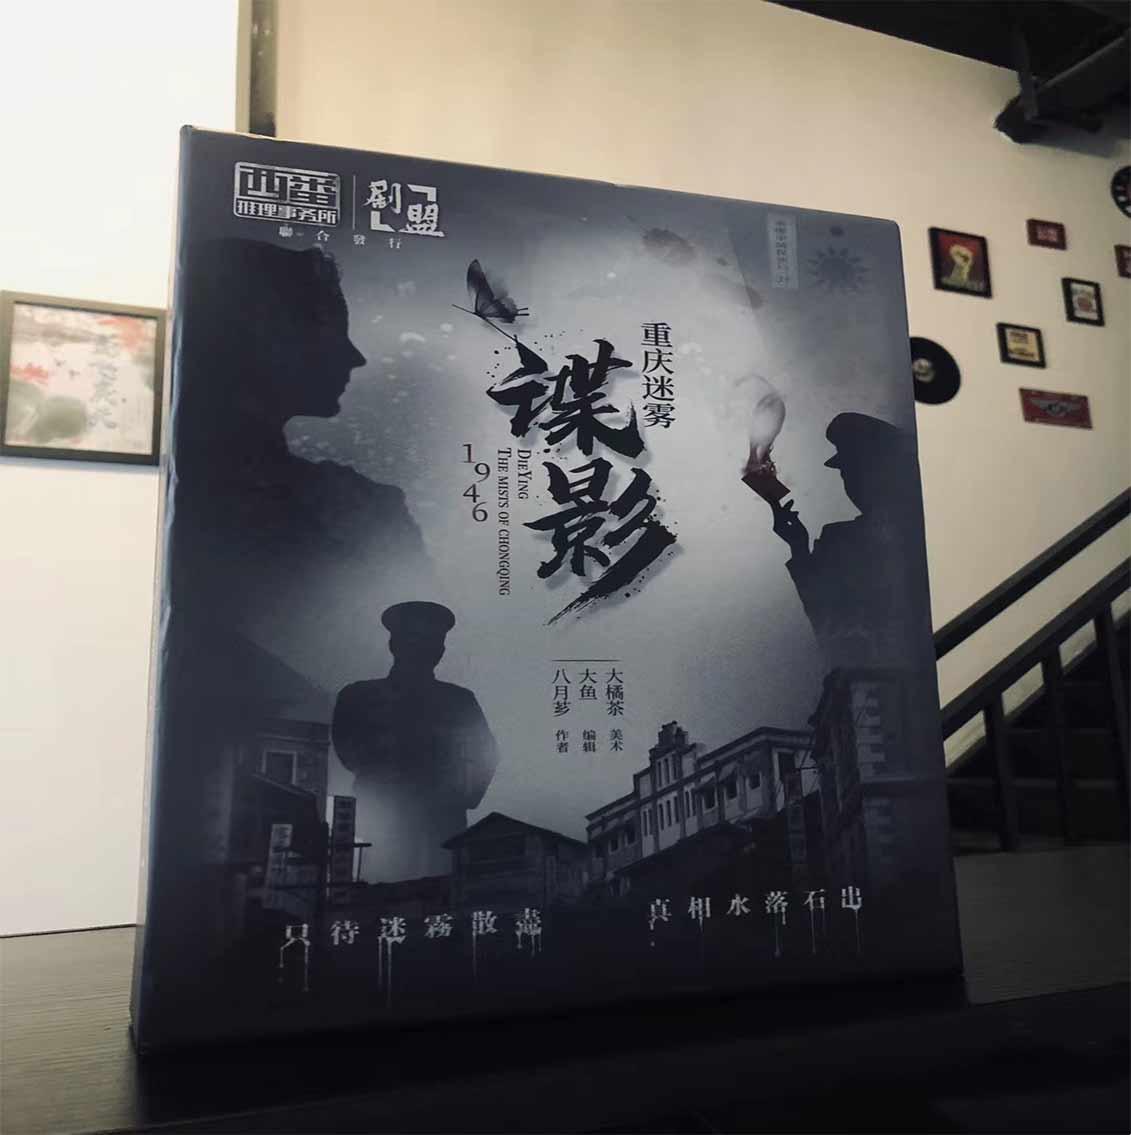 『谍影·重庆迷雾』剧本杀复盘_答案_推凶线索_真相解析